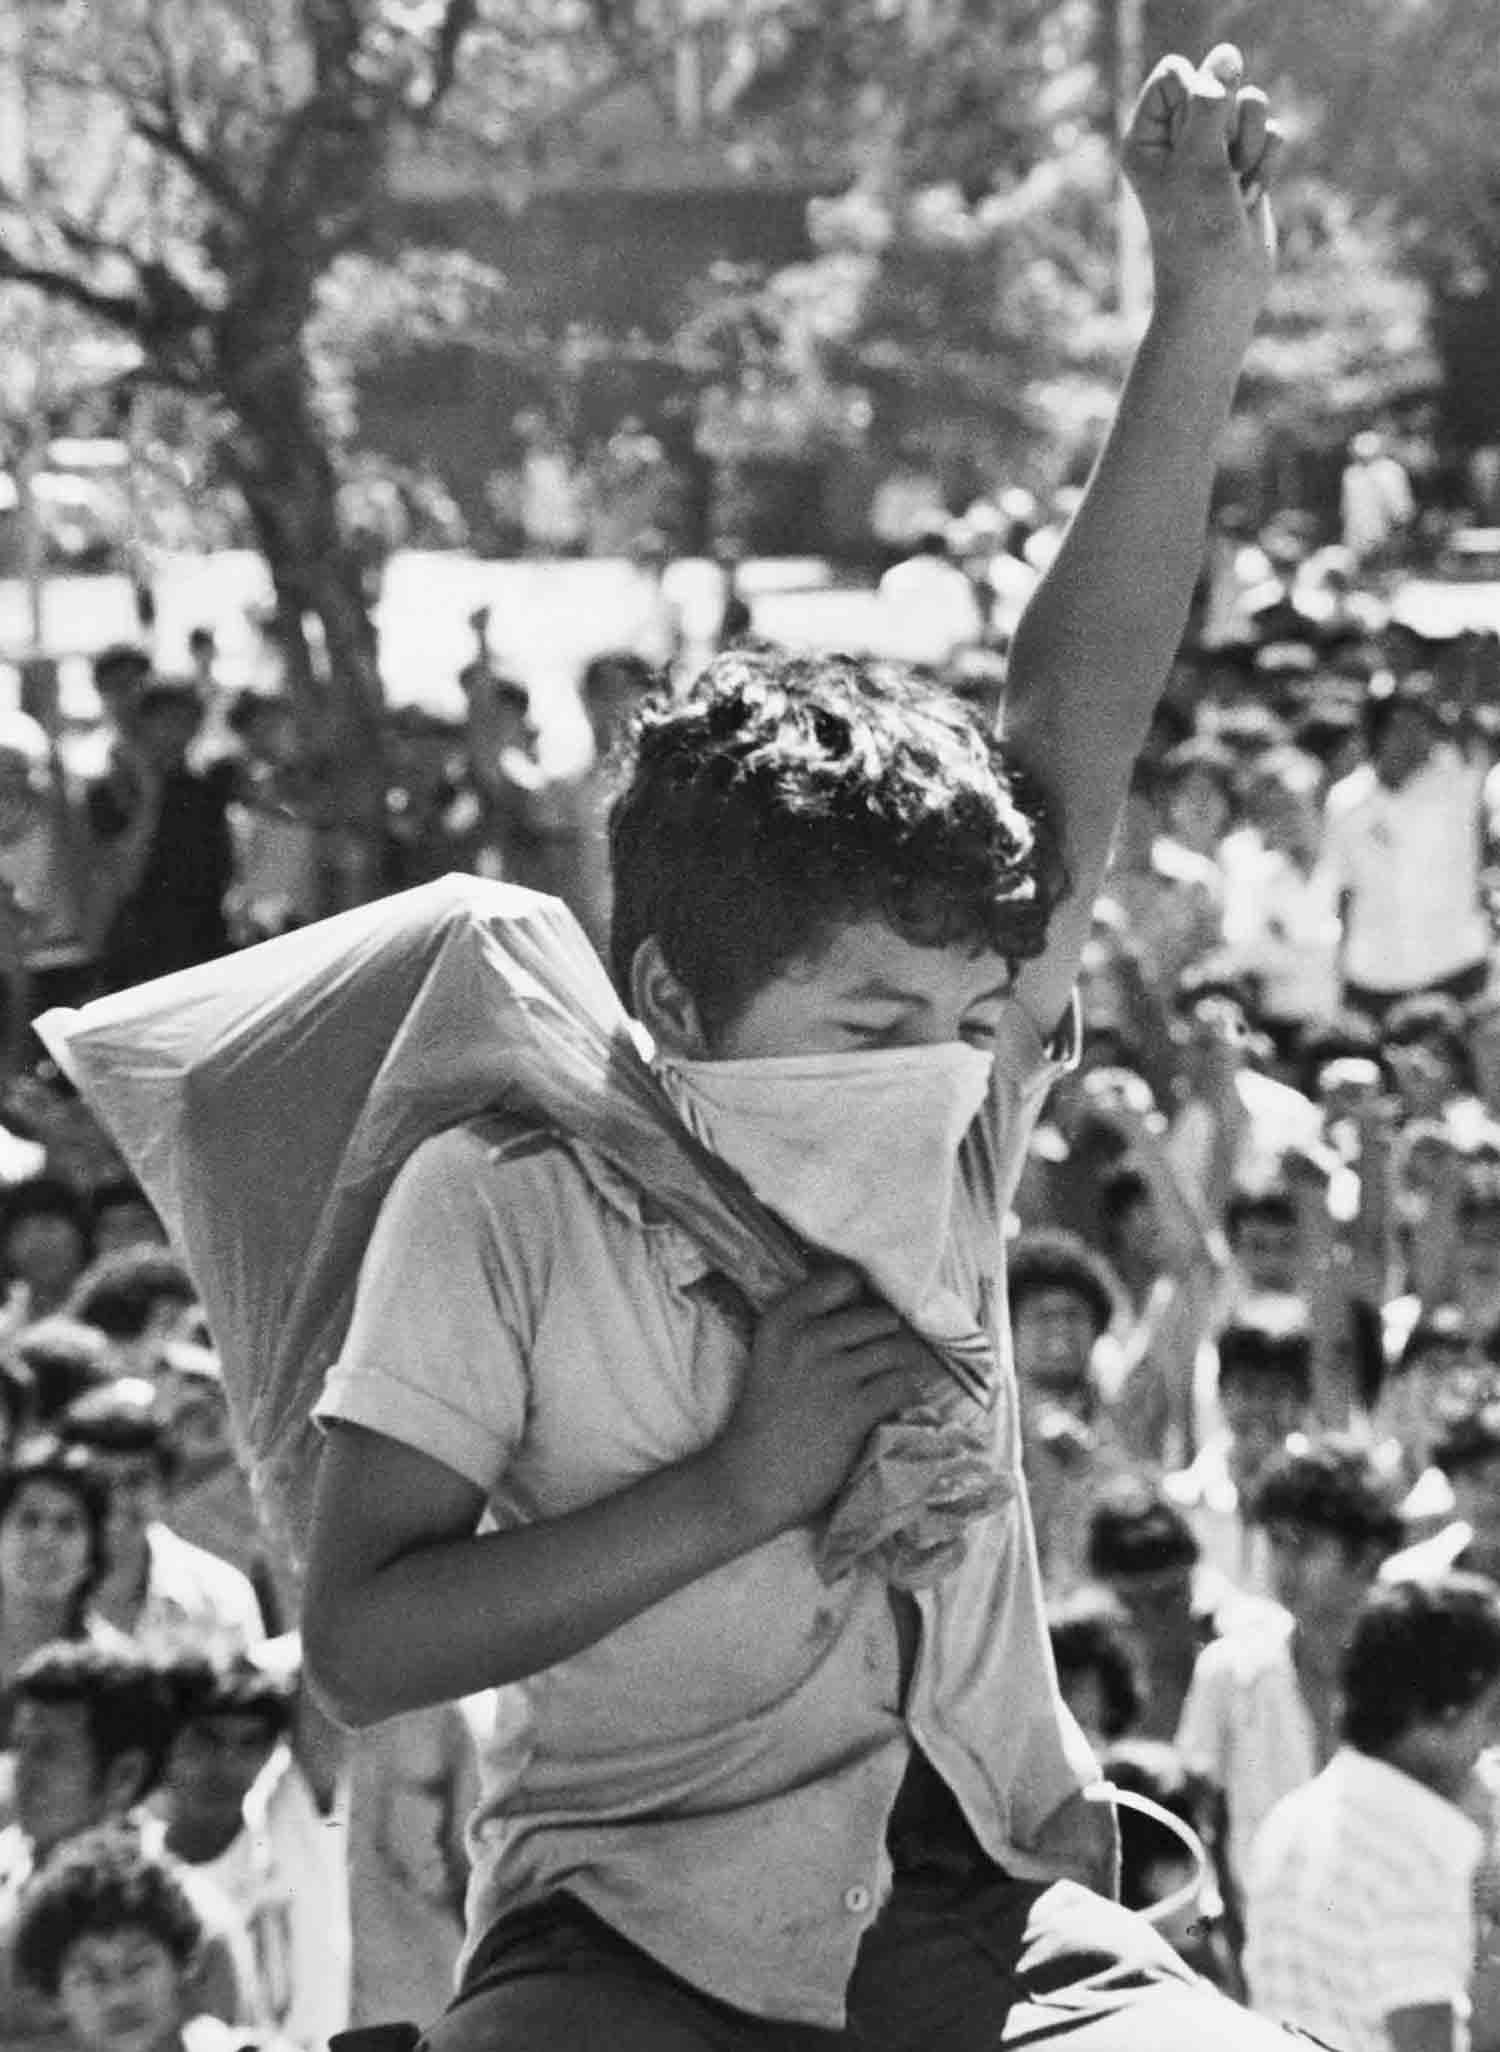 Un niño con su mano en alto participa de una protesta frente a catedral. San Salvador Junio 1979.